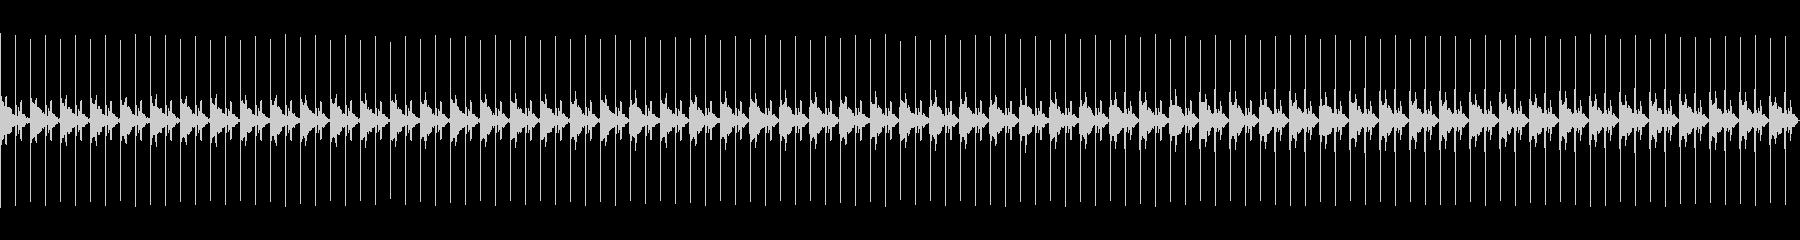 柔らかい電子音の秒針1分間の未再生の波形